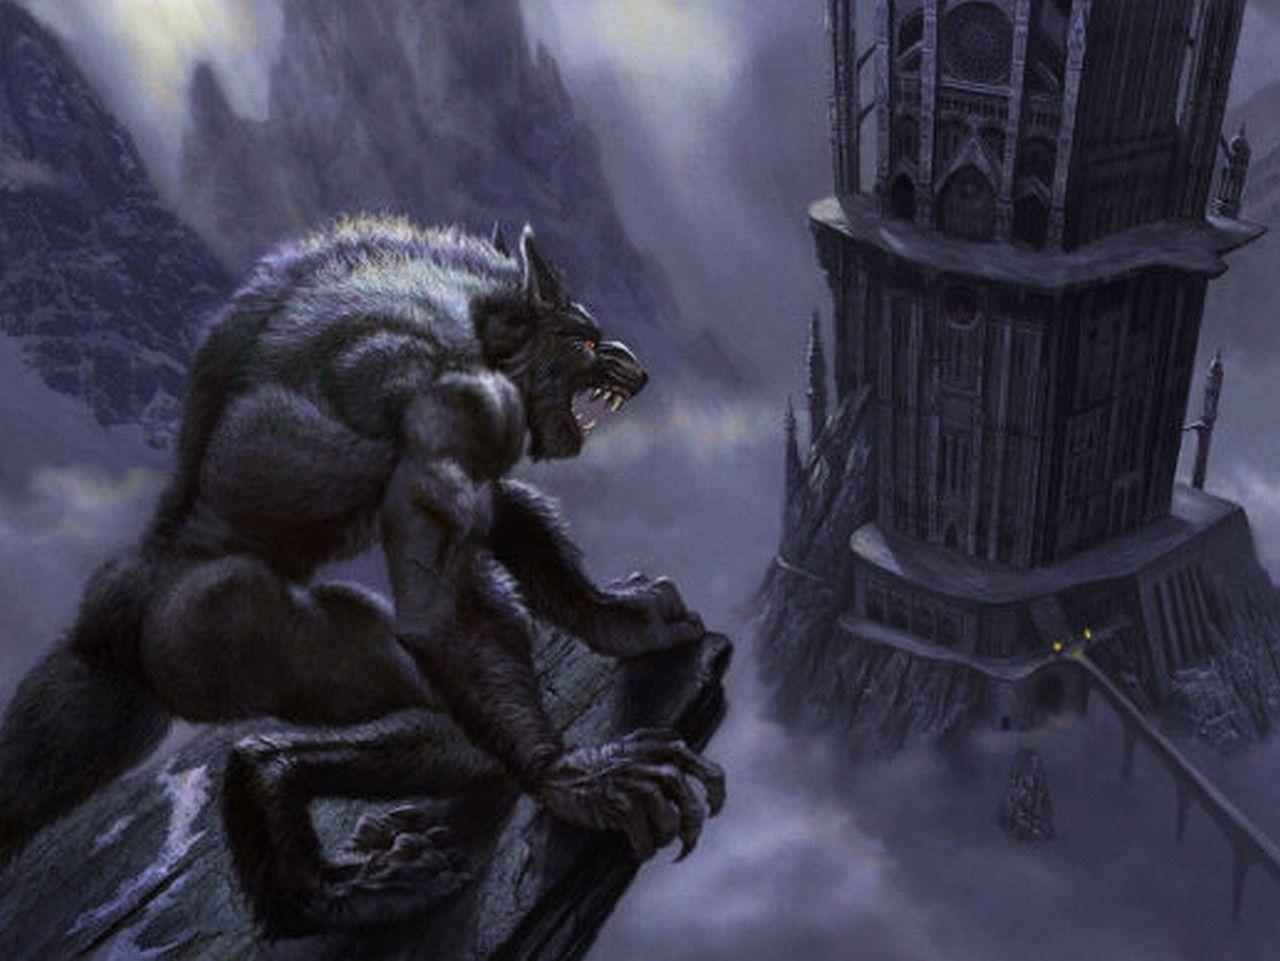 Evil Dark Spirit Girl Wallpaper Hd Werewolf Backgrounds Wallpaper Cave